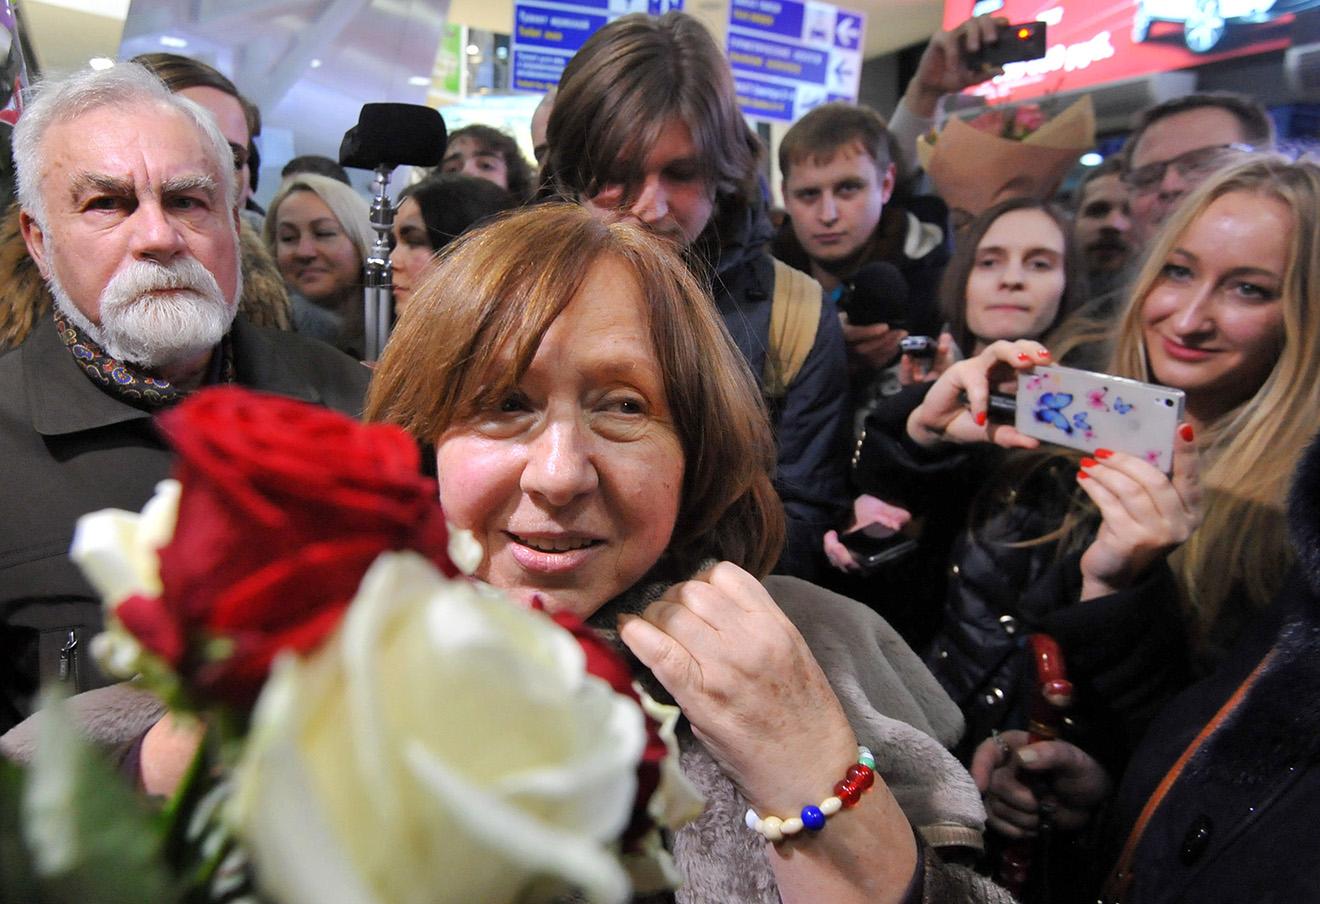 Встреча лауреата Нобелевской премии Светланы Алексиевич в аэропорту Минска, декабрь 2015 года.